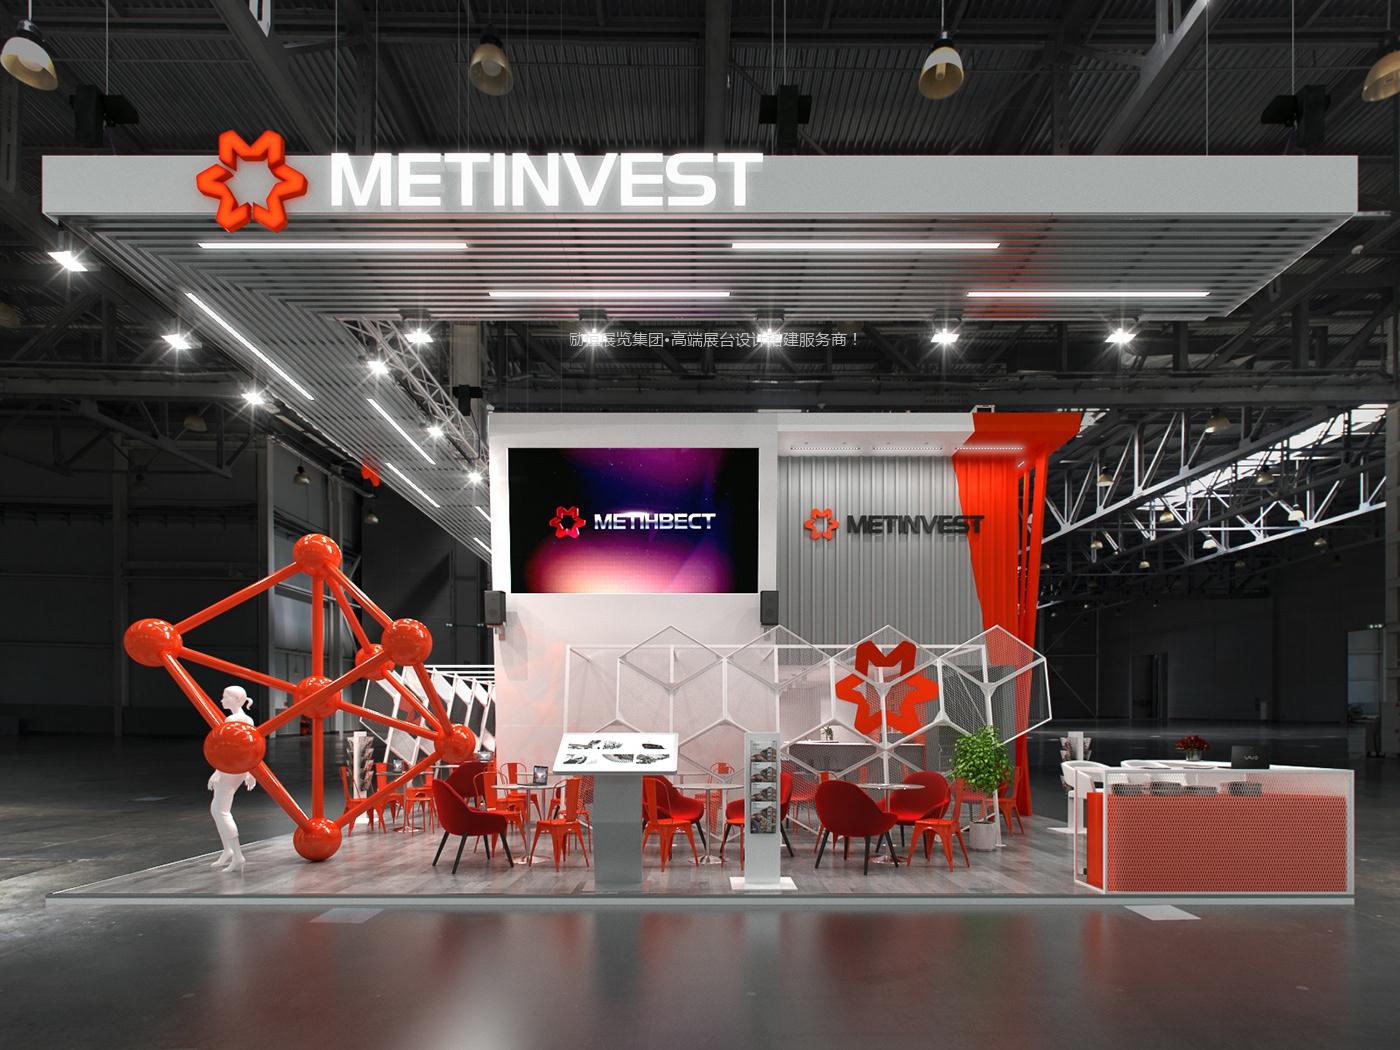 乌克兰METINVEST钢铁集团